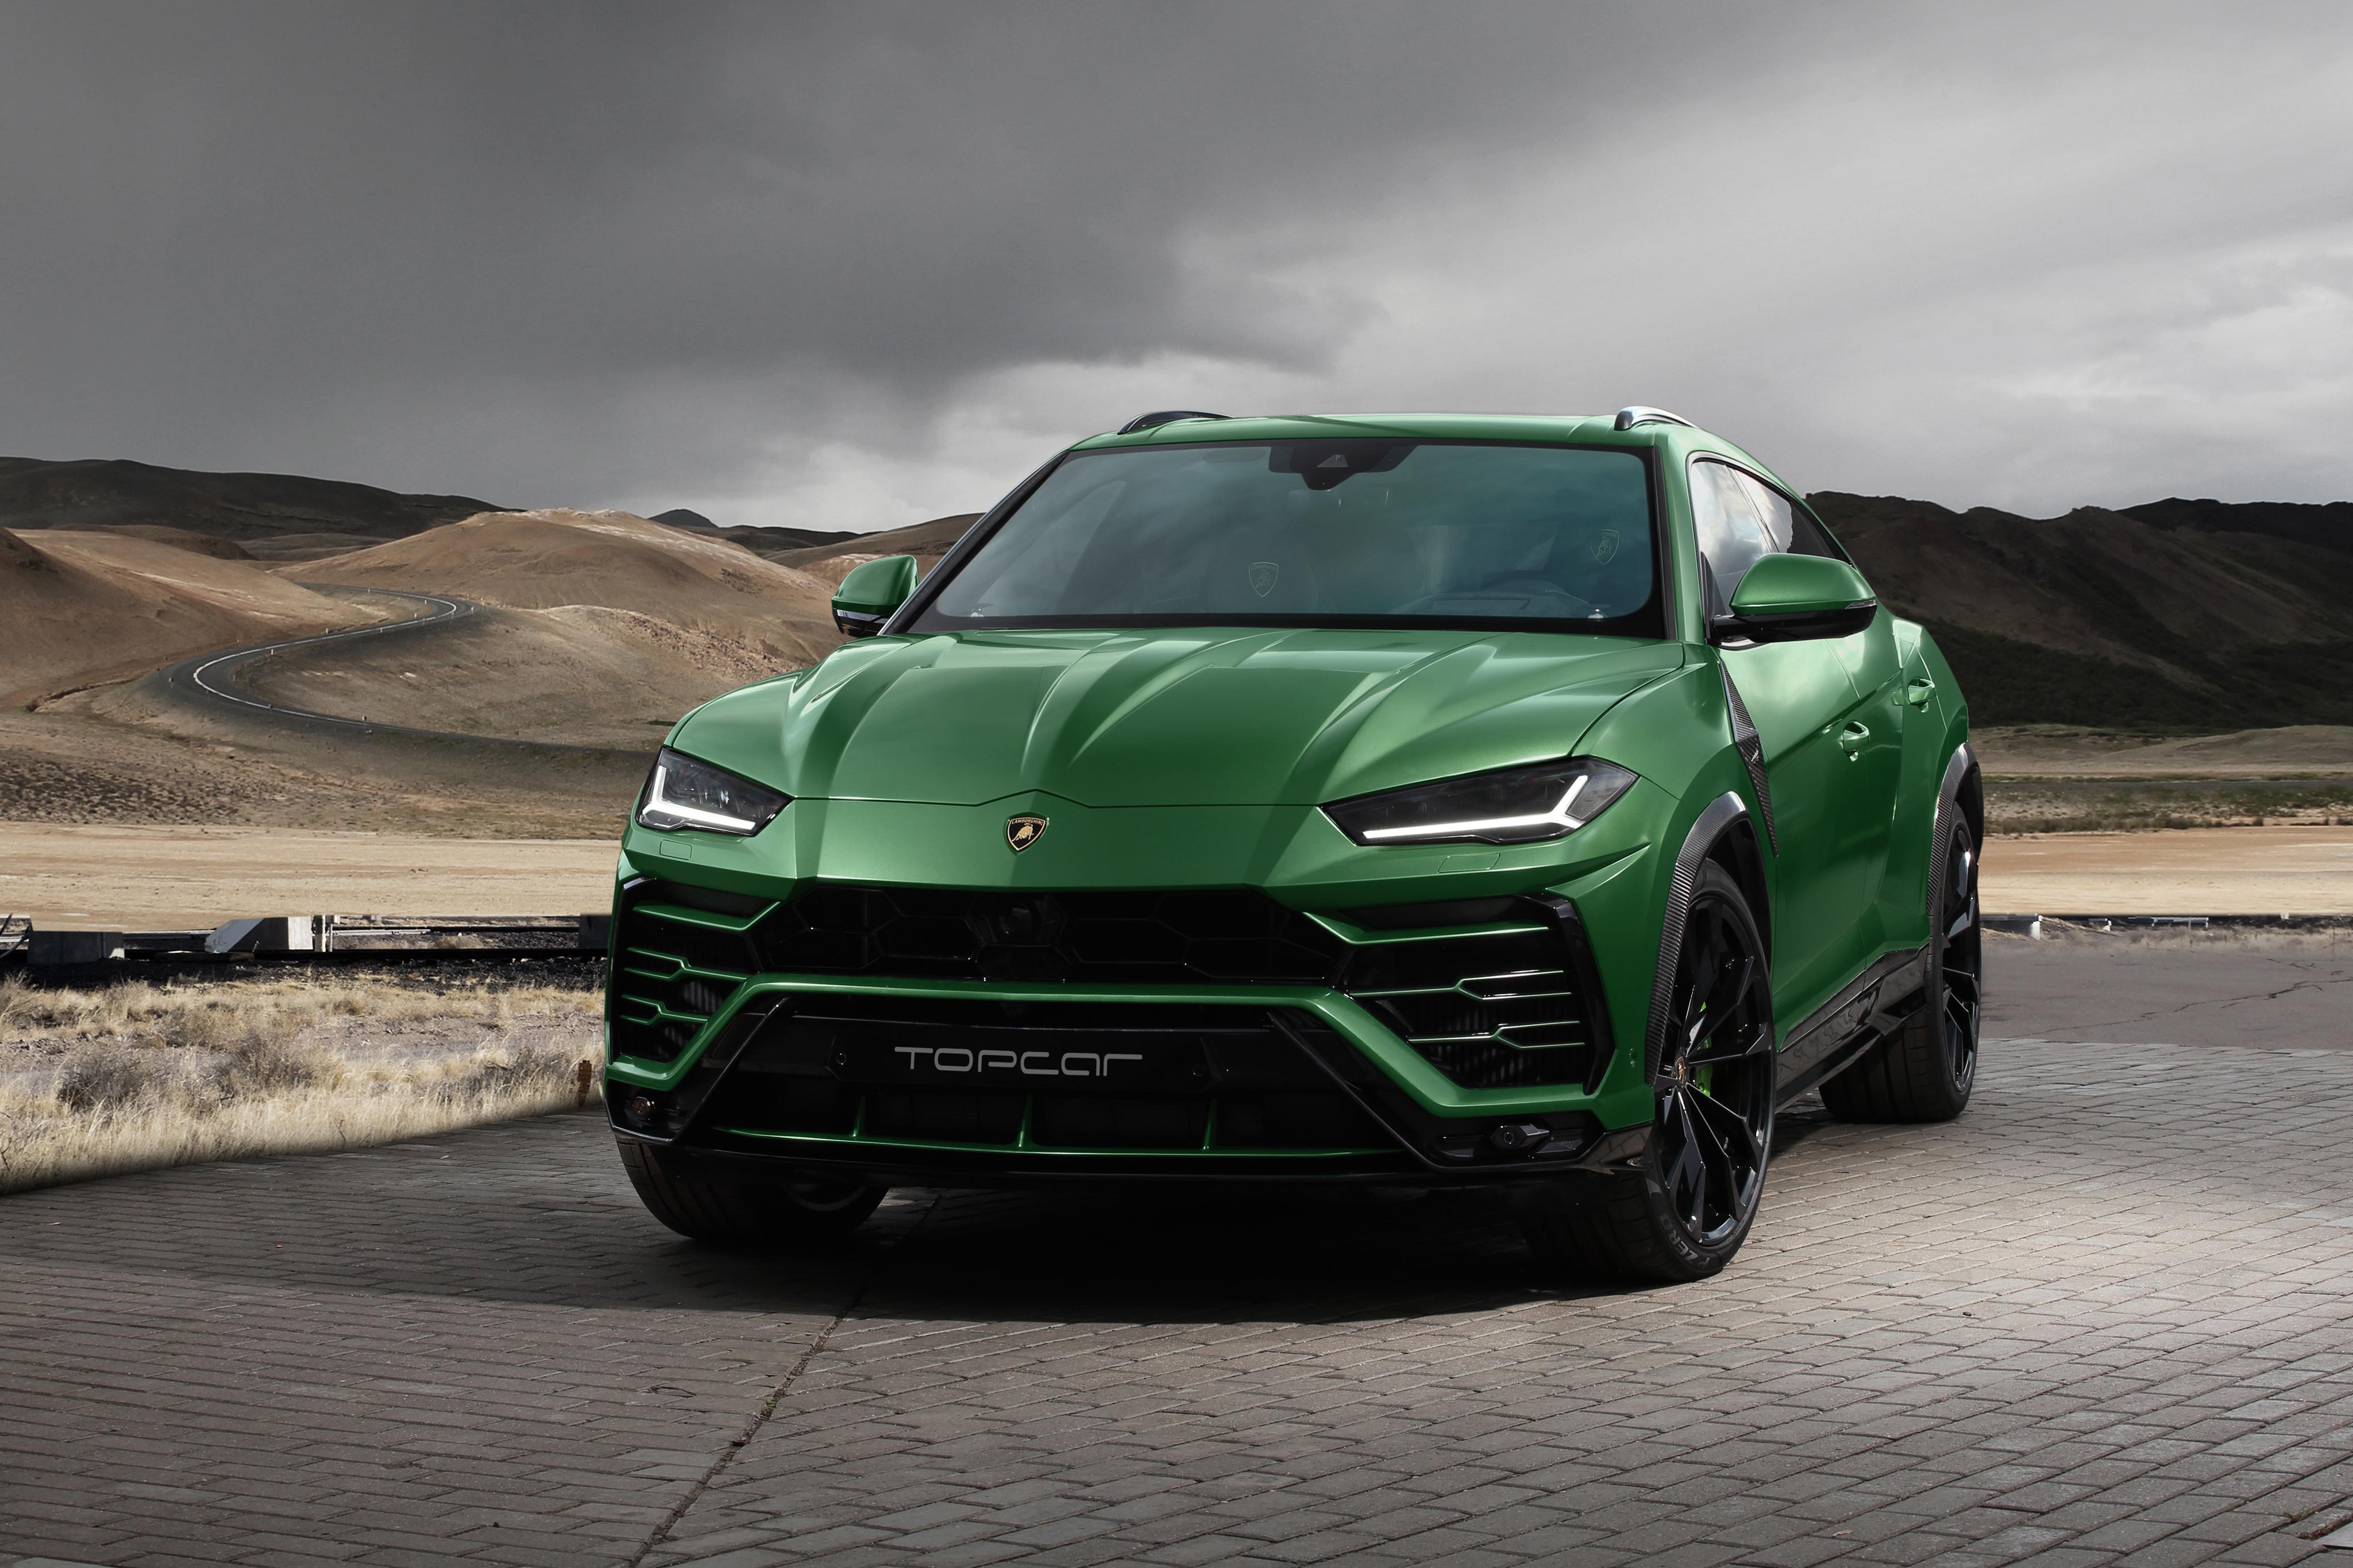 TopCar Lamborghini Urus 2018 4k, HD Cars, 4k Wallpapers ...